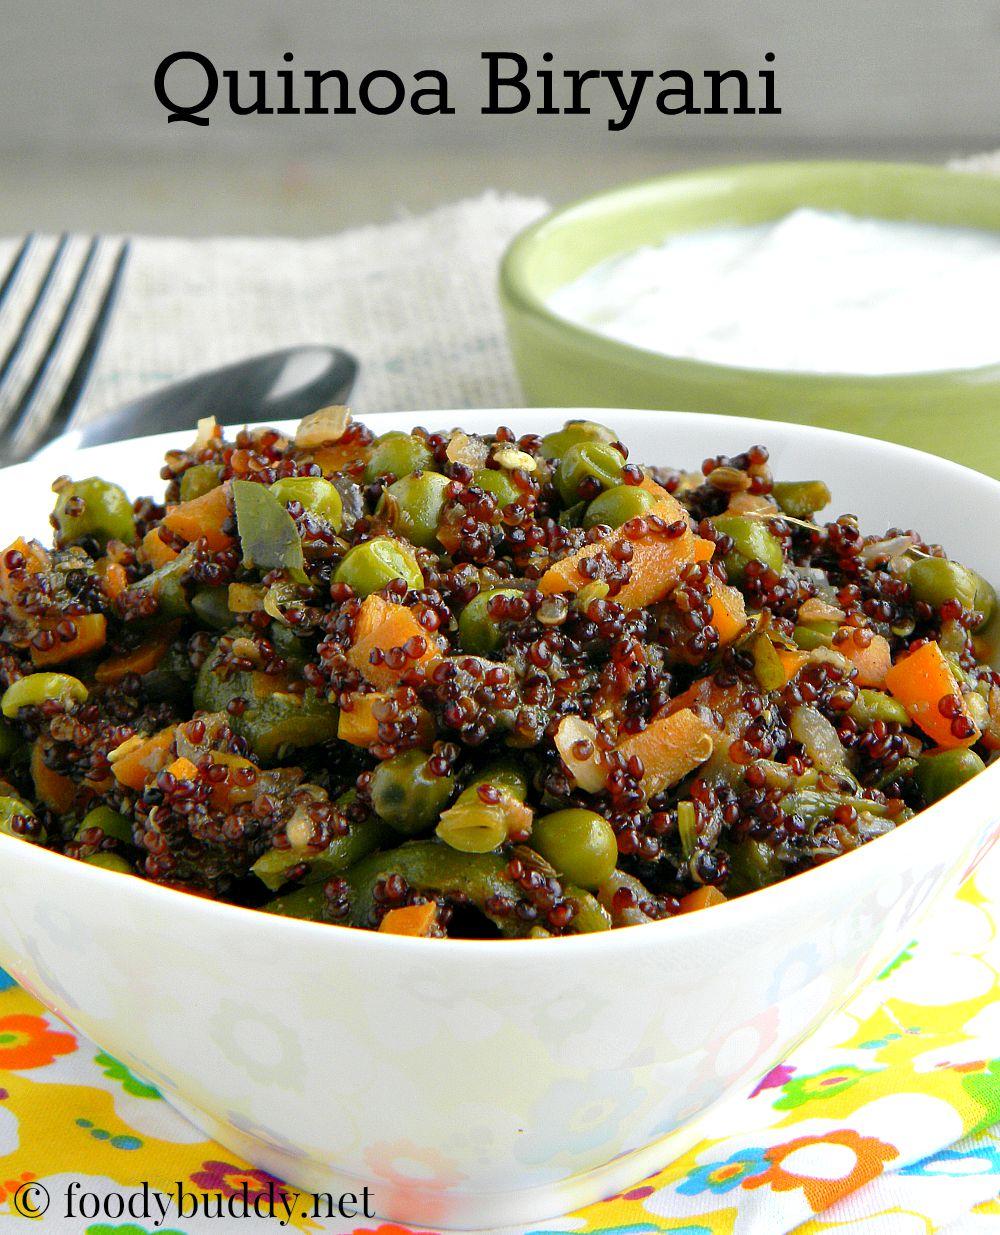 Quinoa vegetable biryani indian quinoa recipes foodybuddy tags quinoa biryani quinoa vegetable biryani quinoa vegetable biryani recipe quinoa indian recipes quinoa recipes quinoa rice how to cook quinoa in forumfinder Gallery